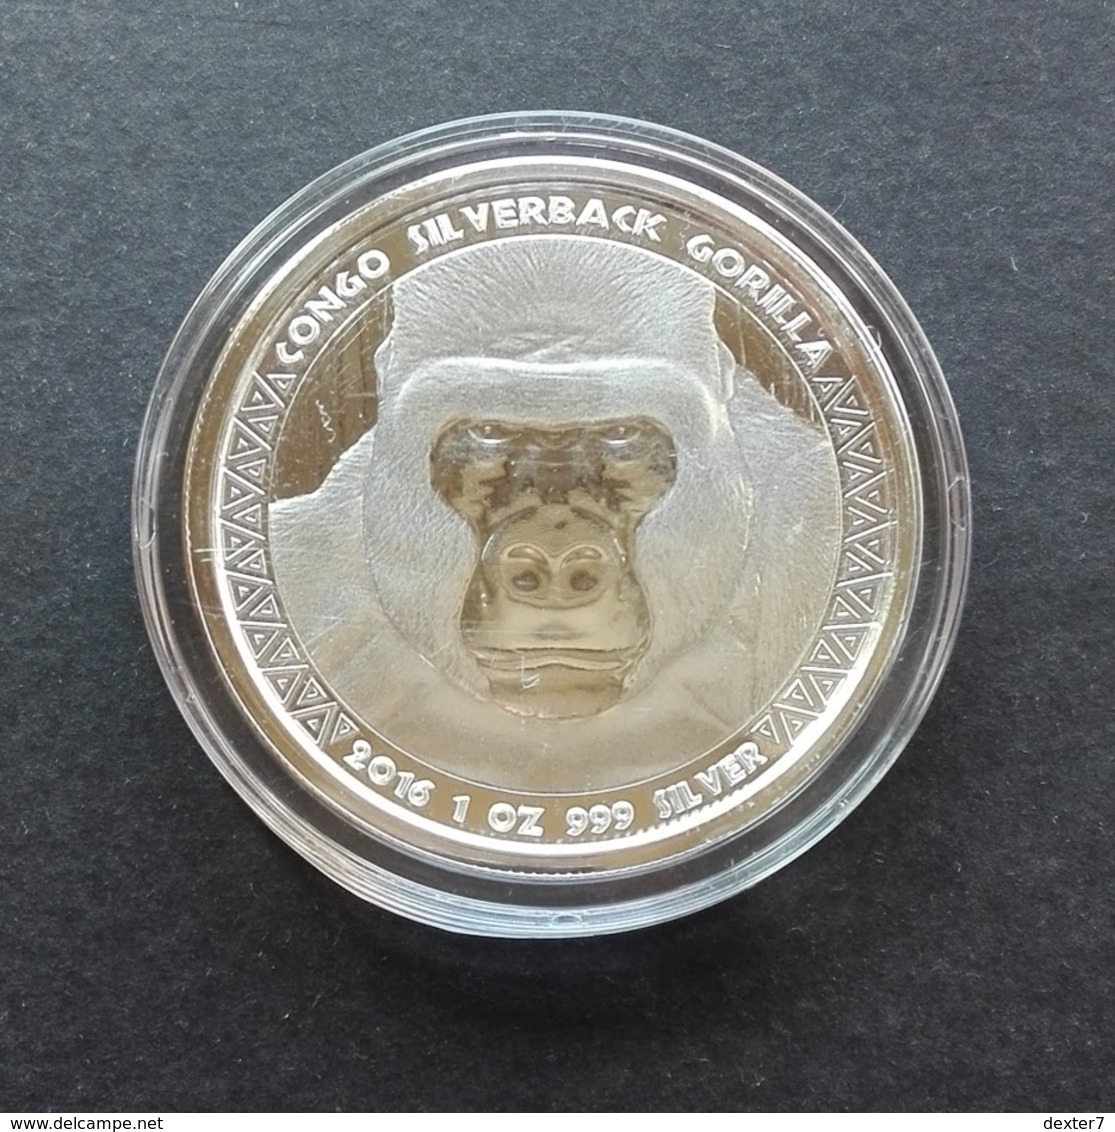 Congo, Gorilla 1 Oz 2016 Silver 999 Pure - 1 Oncia Argento Puro Bullion Scottsdale Mint - Congo (Repubblica Democratica 1998)